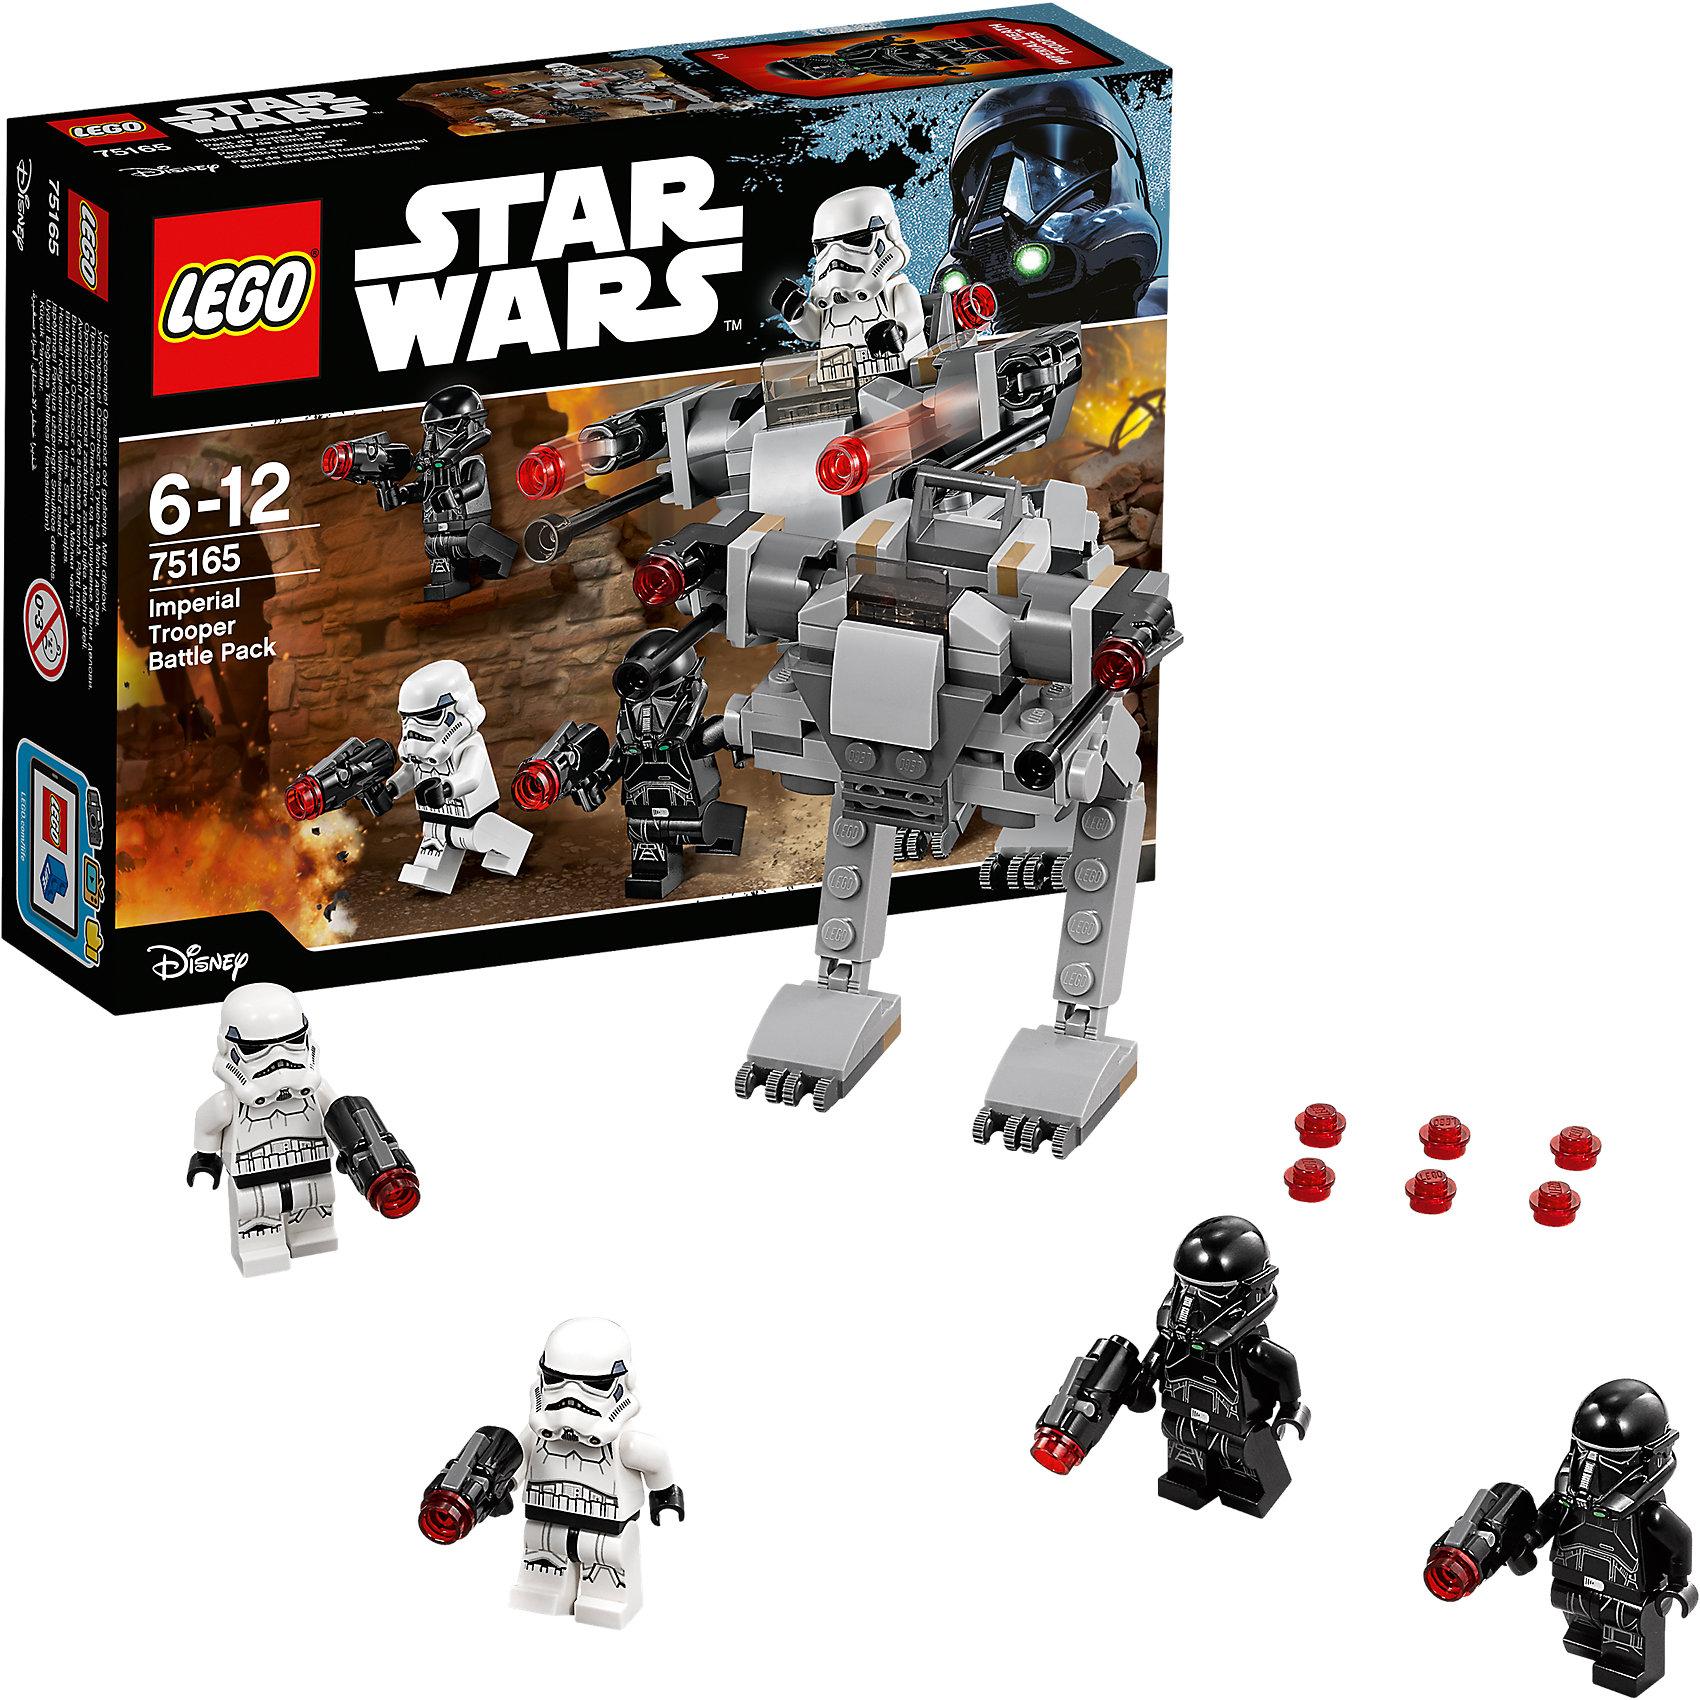 """LEGO Star Wars 75165: Боевой набор ИмперииLEGO Star Wars 75165: Боевой набор Империи<br><br>Характеристики:<br><br>- в набор входит: имперский шагоход, 4 фигурки, аксессуары, инструкция<br>- состав: пластик<br>- количество деталей: 112<br>- примерное время сборки: 15 минут<br>- размер шагохода: 8 * 10 * 8 см.<br>- для детей в возрасте: от 6 до 12 лет<br>- Страна производитель: Дания/Китай/Чехия/<br><br>Легендарный конструктор LEGO (ЛЕГО) представляет серию «Звездные Войны» с героями одноименных фильмов. В этом наборе штурмовики заняты обороной военной базы по мотивам фильма """"Изгой-один. Звёздные войны: Истории"""". Четыре фигурки штурмовиков из набора облачены в черную и белую униформу. Отлично проработанные детали фигурок и шлемов добавляют реалистичности, сами шлемы снимаются и можно увидеть лица клонов. У каждого имперского штурмовика есть свой бластер с усиленной огневой мощью, бластеры оснащены небольшим механизмом и стреляют деталями, в набор входят запасные детали. Шагоход изготовлен из уникальных деталей и имеет место только для одного штурмовика. Небольшая деталь-стекло защищает управляющего шагоходом, а бластеры установленные на нем также могут стрелять. Защищай секреты Галактической Империи, и не дай повстанцам захватить чертежи!<br><br>Конструктор LEGO Star Wars 75165: Боевой набор Империи можно купить в нашем интернет-магазине.<br><br>Ширина мм: 193<br>Глубина мм: 142<br>Высота мм: 48<br>Вес г: 114<br>Возраст от месяцев: 72<br>Возраст до месяцев: 144<br>Пол: Мужской<br>Возраст: Детский<br>SKU: 5002383"""